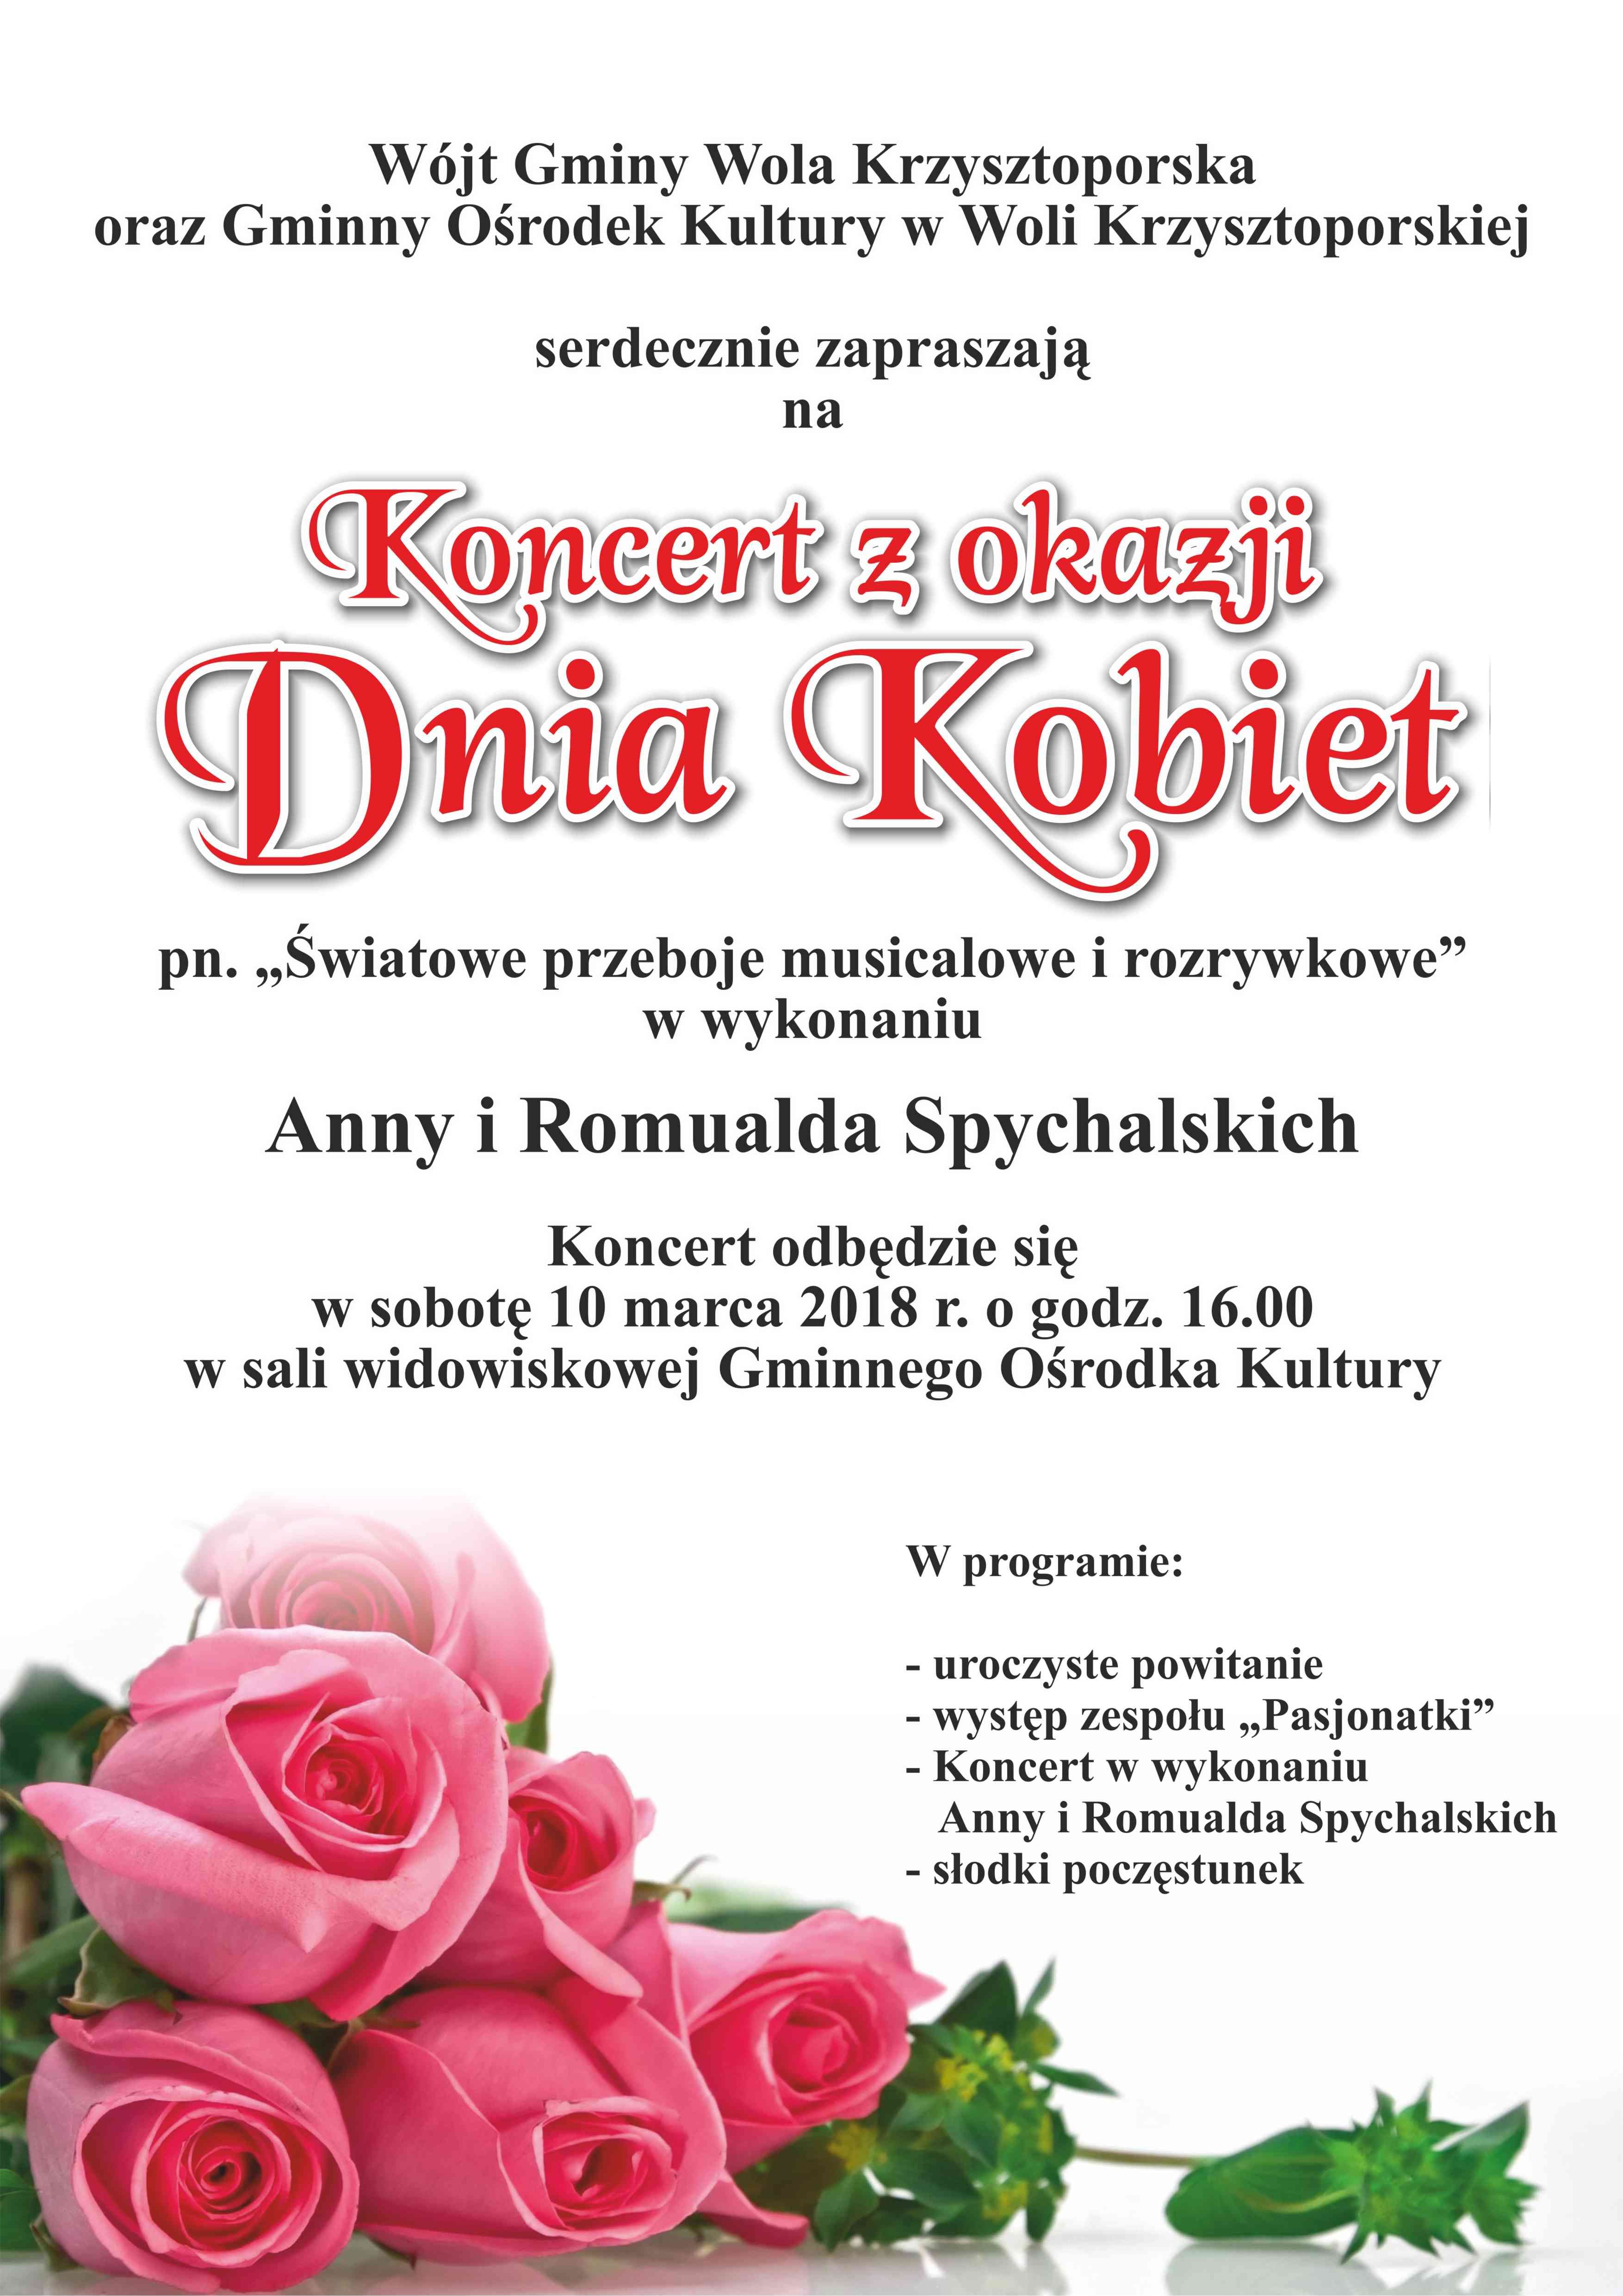 Photo of Koncert z okazji Dnia Kobiet